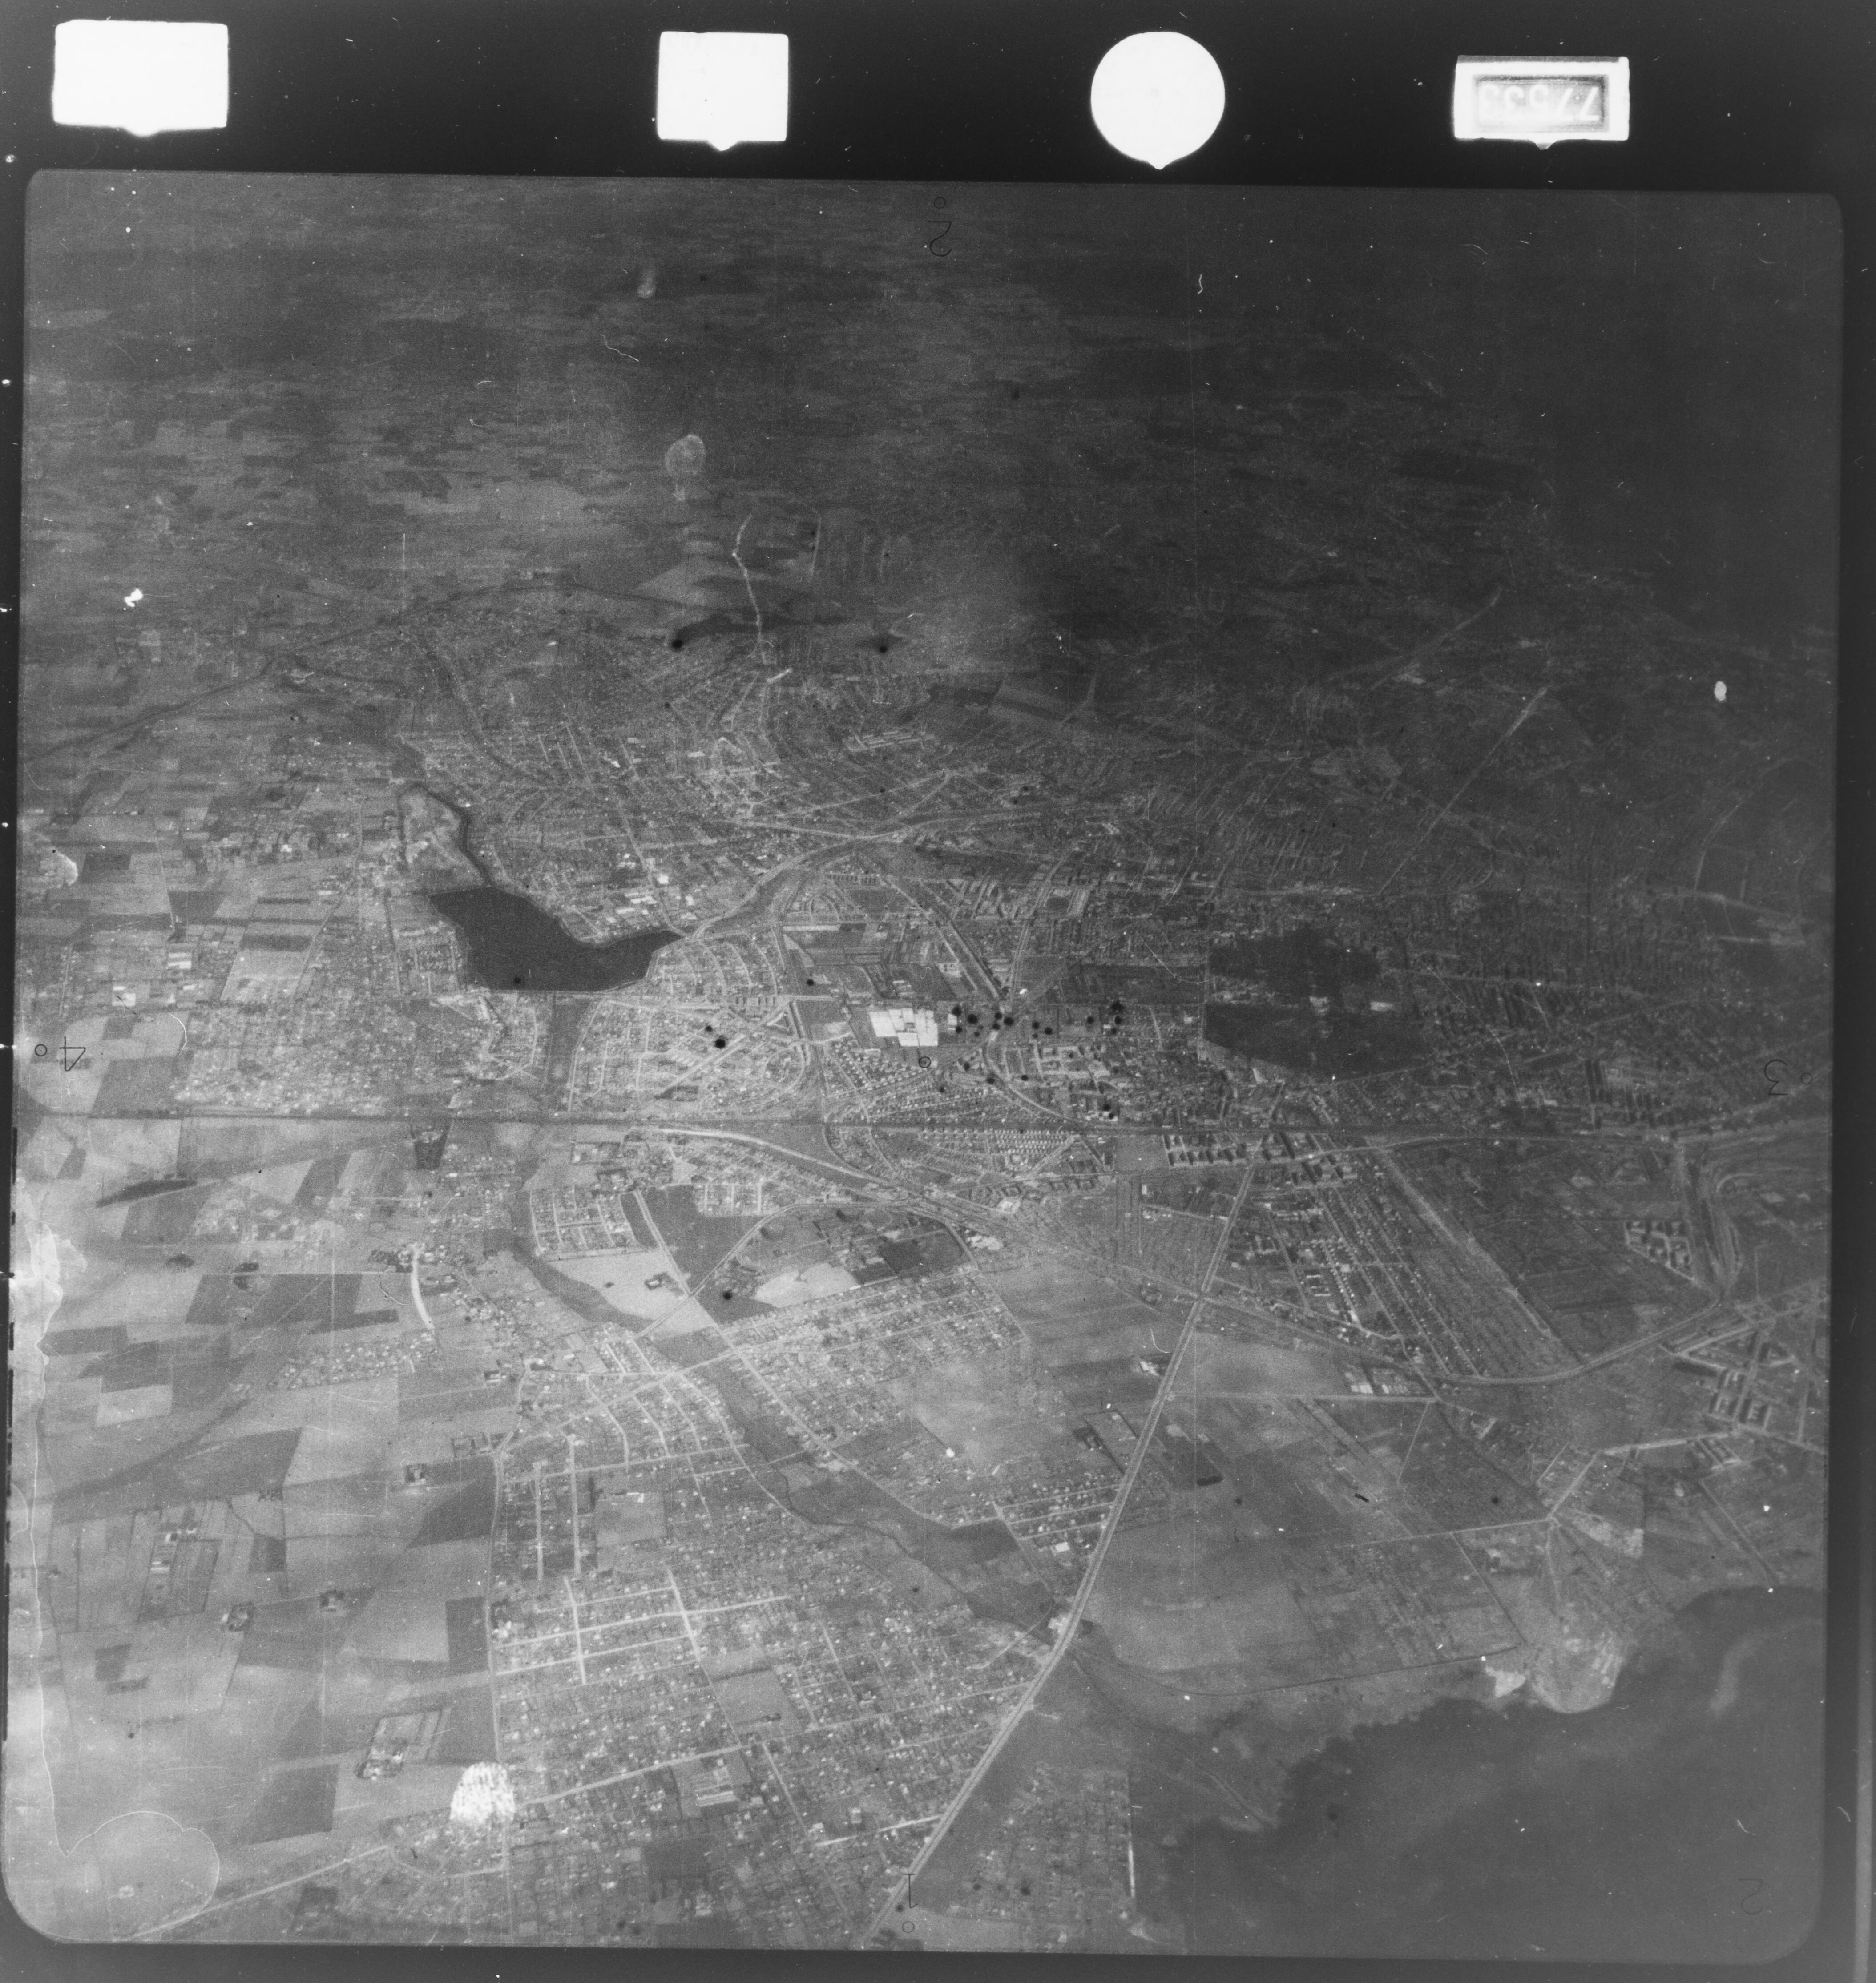 Skråfoto fra 1922-1939 taget 422 meter fra Ankermandsvej 20